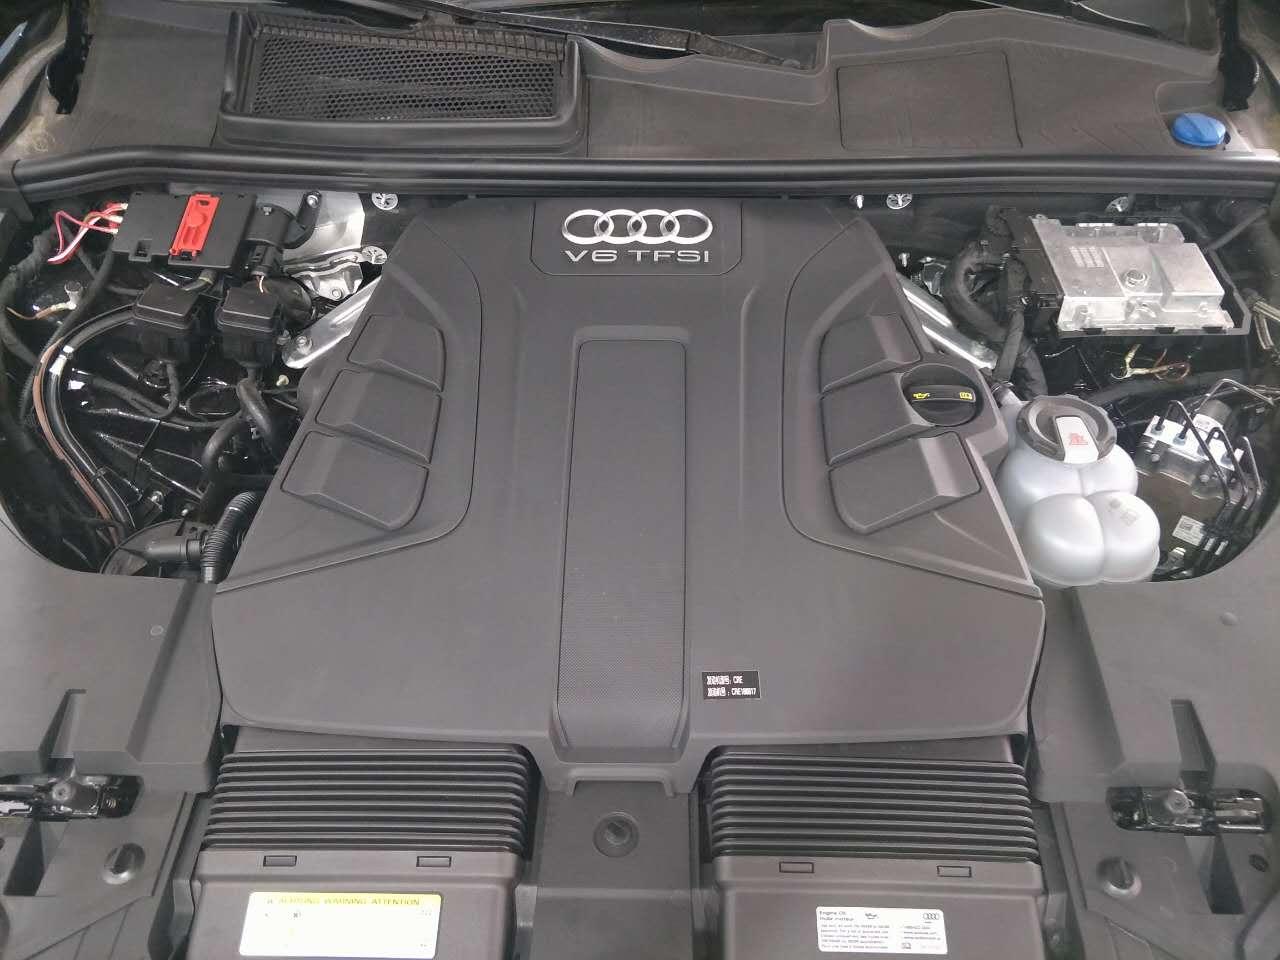 奥迪q7搭载3.0 tfsi发动机,最大功率达到245千瓦.